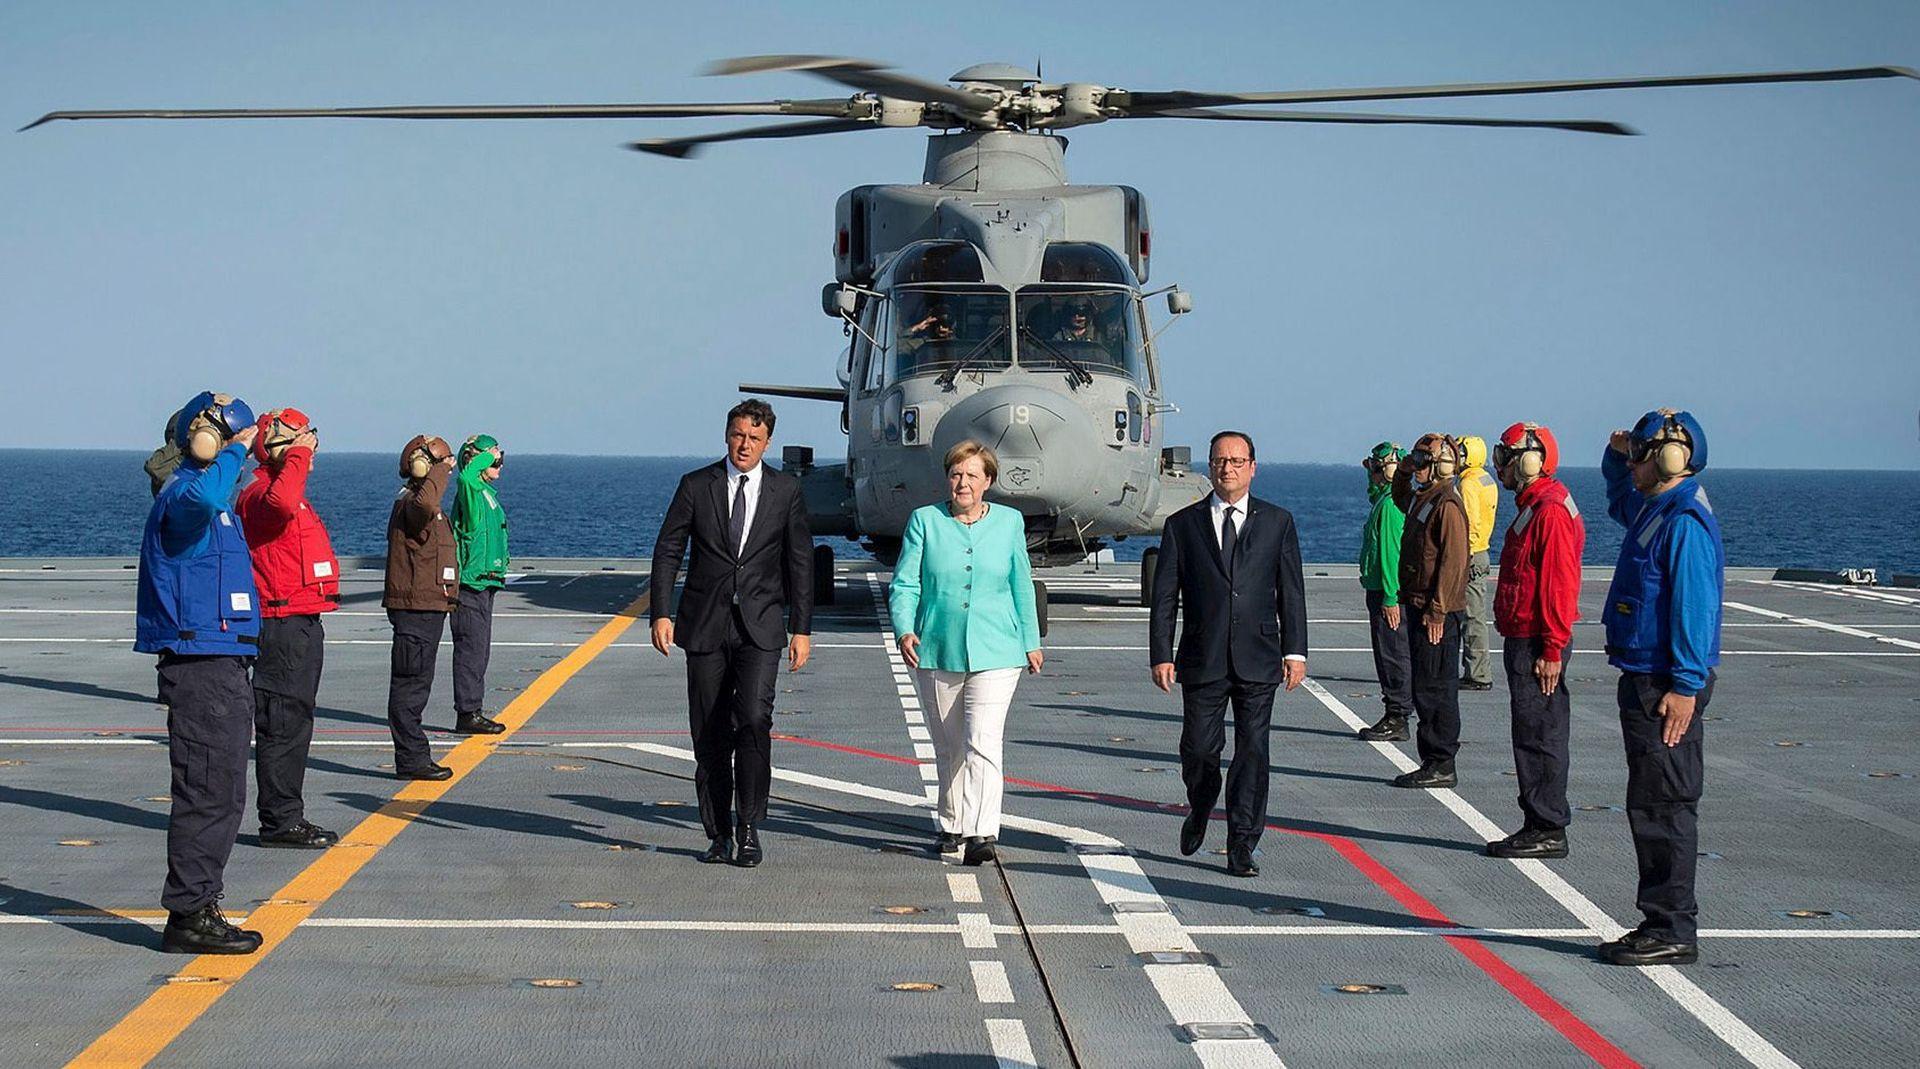 OPASNOST OD TERORIZMA Merkel: Moramo učiniti više za unutarnju i vanjsku sigurnost Unije